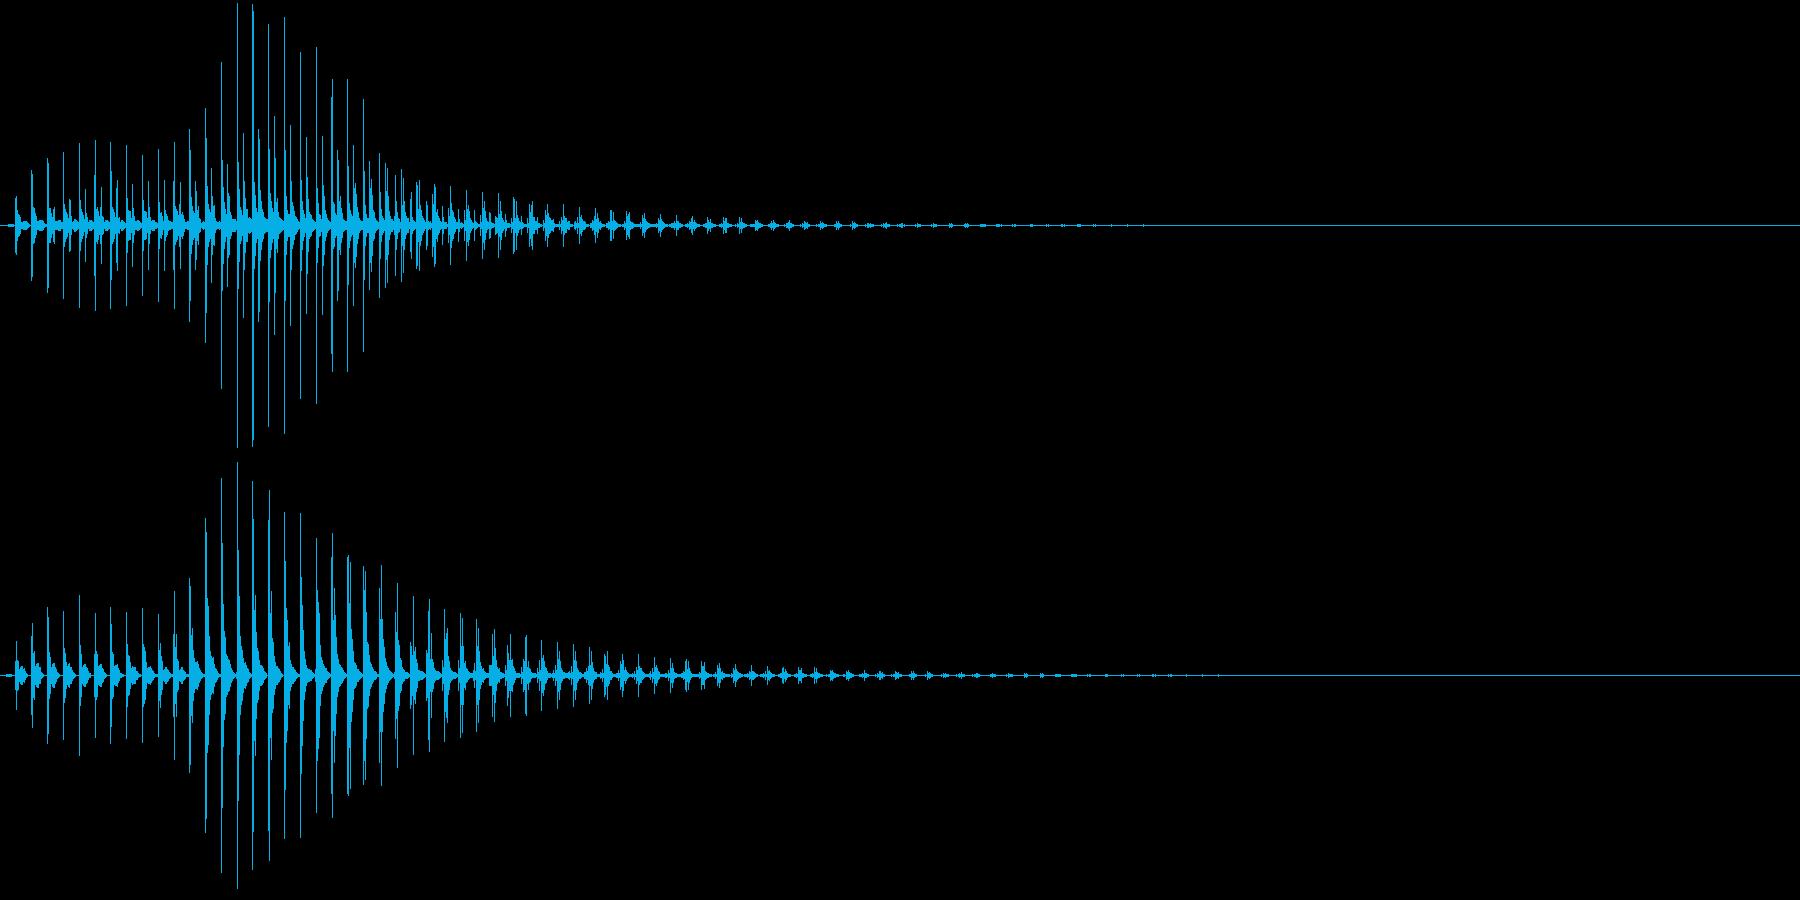 SF CinemaFX 未来の電子音の再生済みの波形